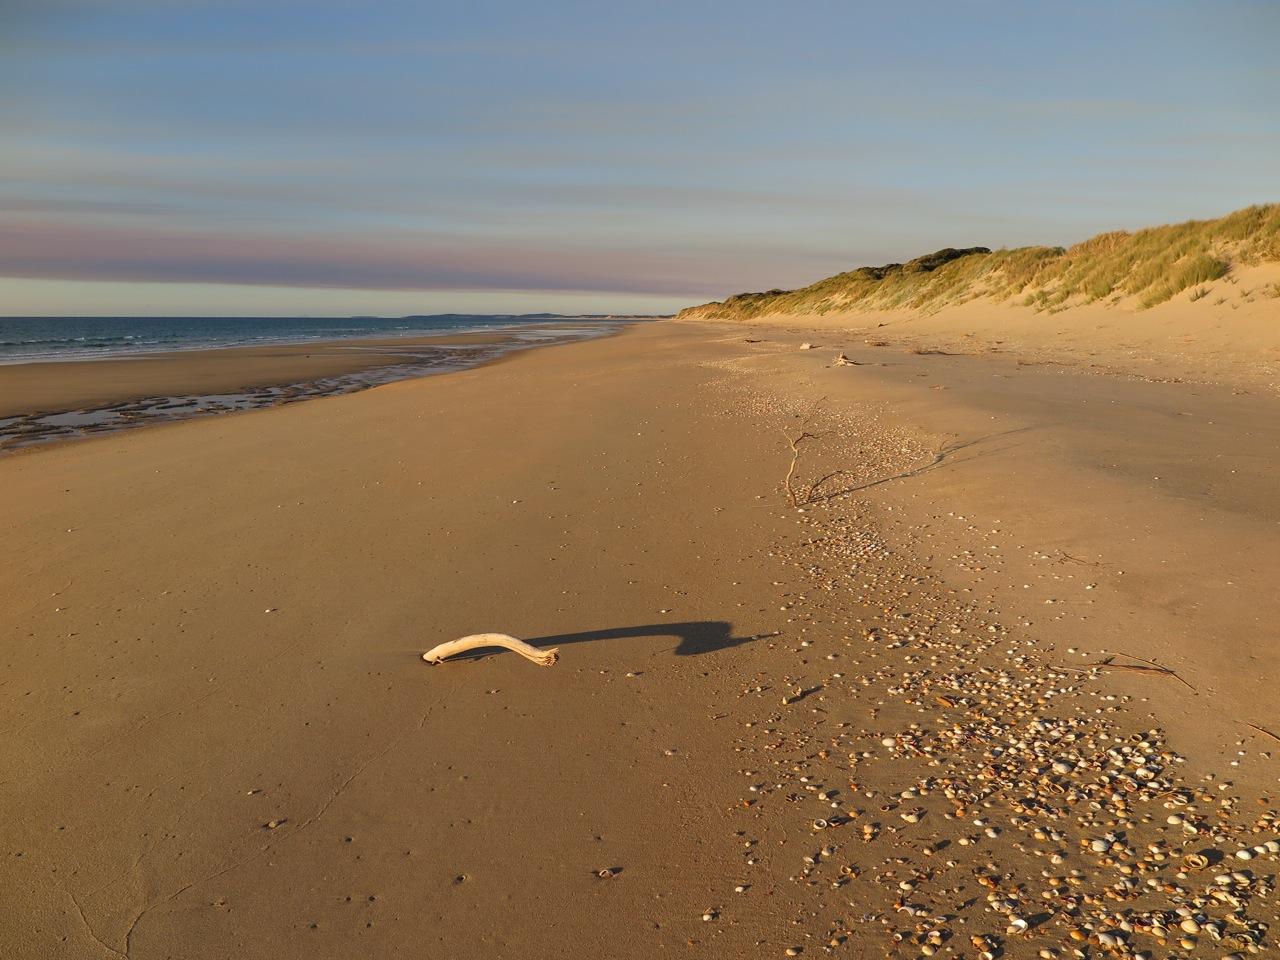 Abstecher nach Loch 15 von Lost Farm: Der leere Strand hinter den Dünen